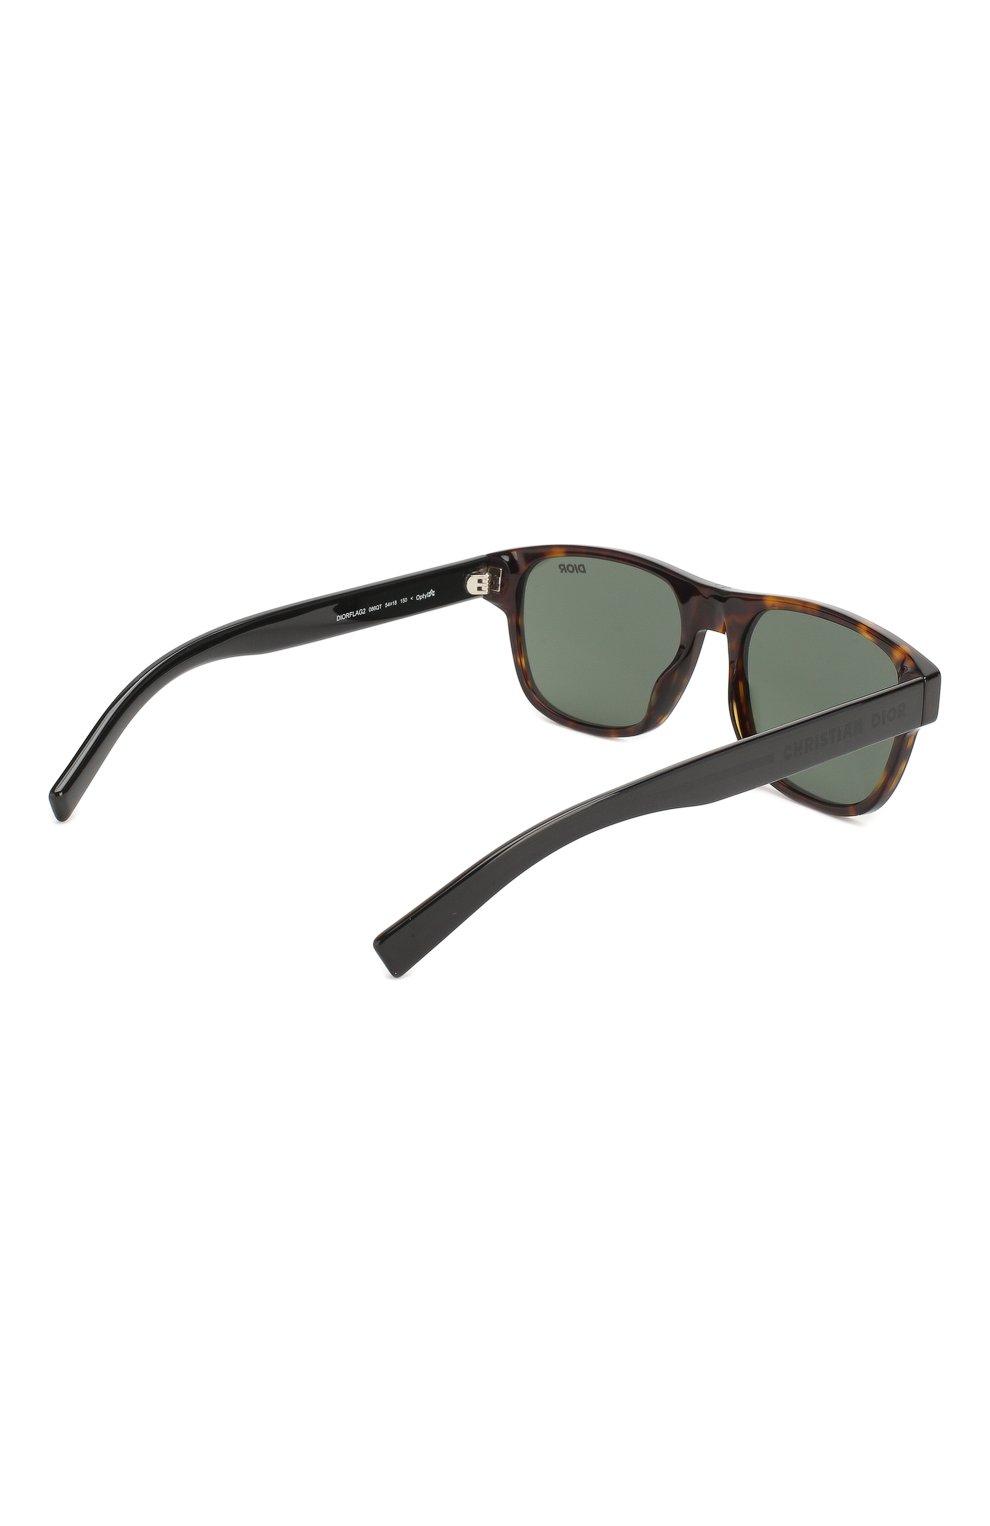 Мужские солнцезащитные очки DIOR темно-коричневого цвета, арт. DI0RFLAG2 086 | Фото 4